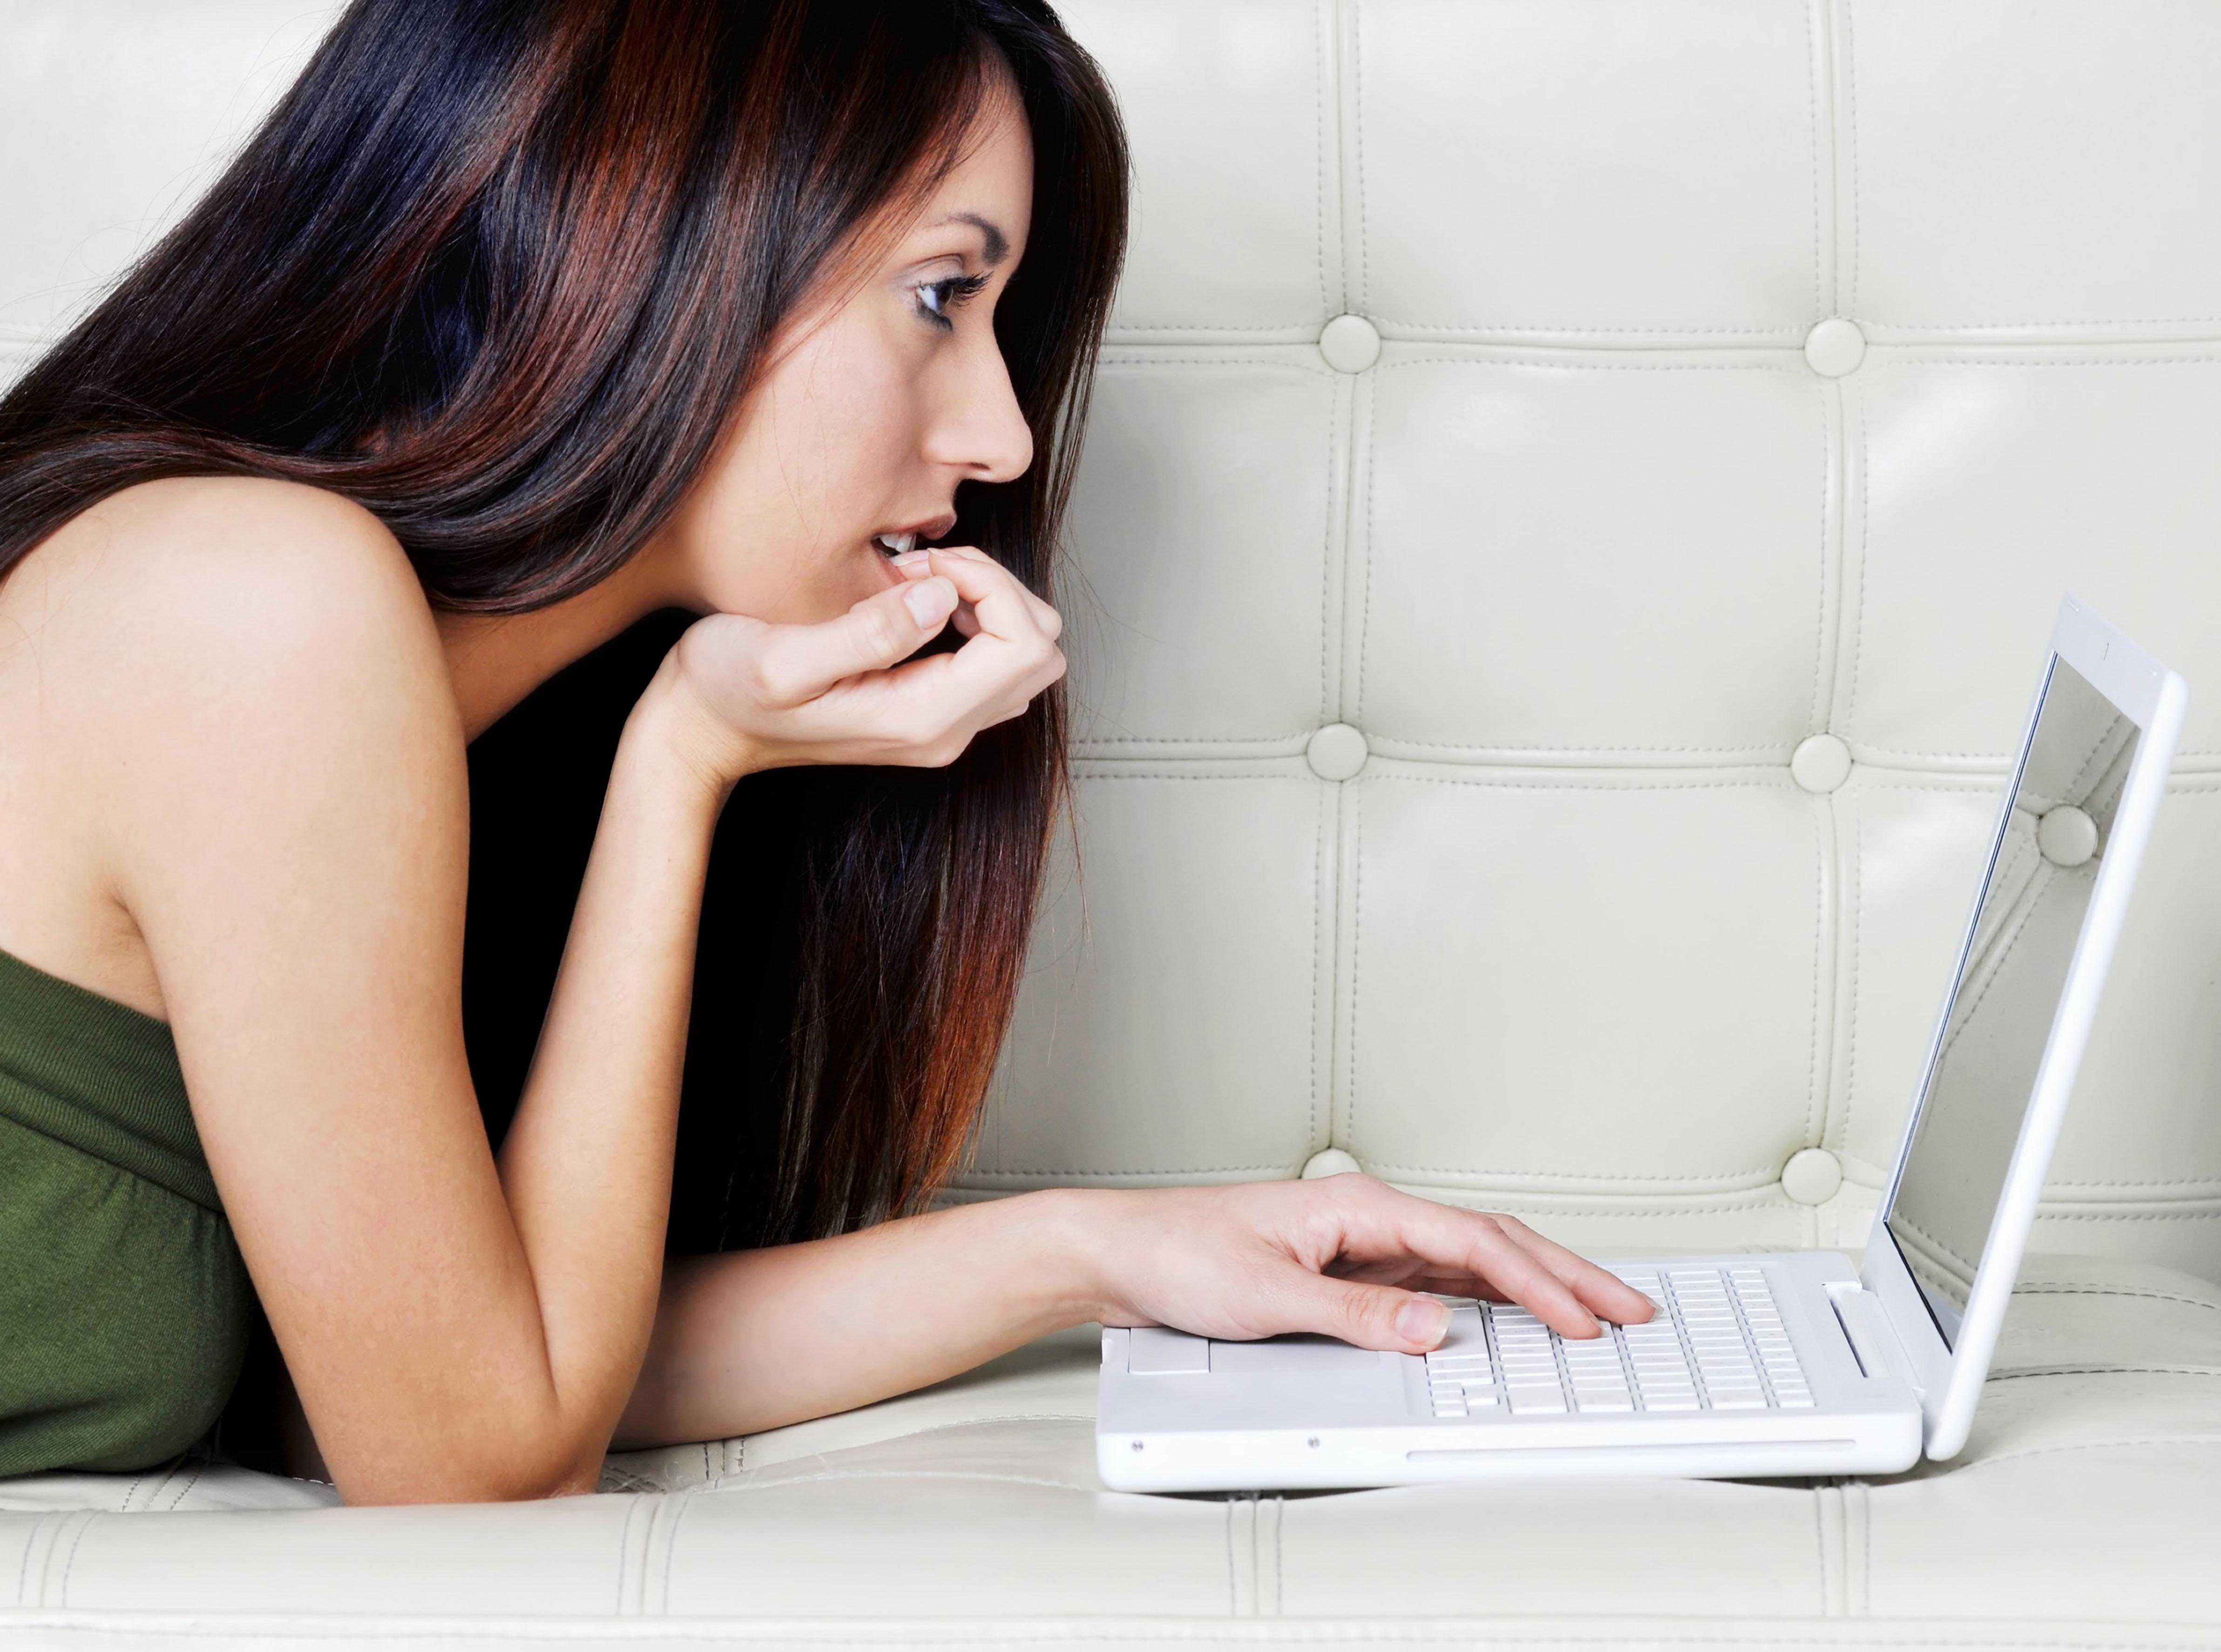 Break is online dating